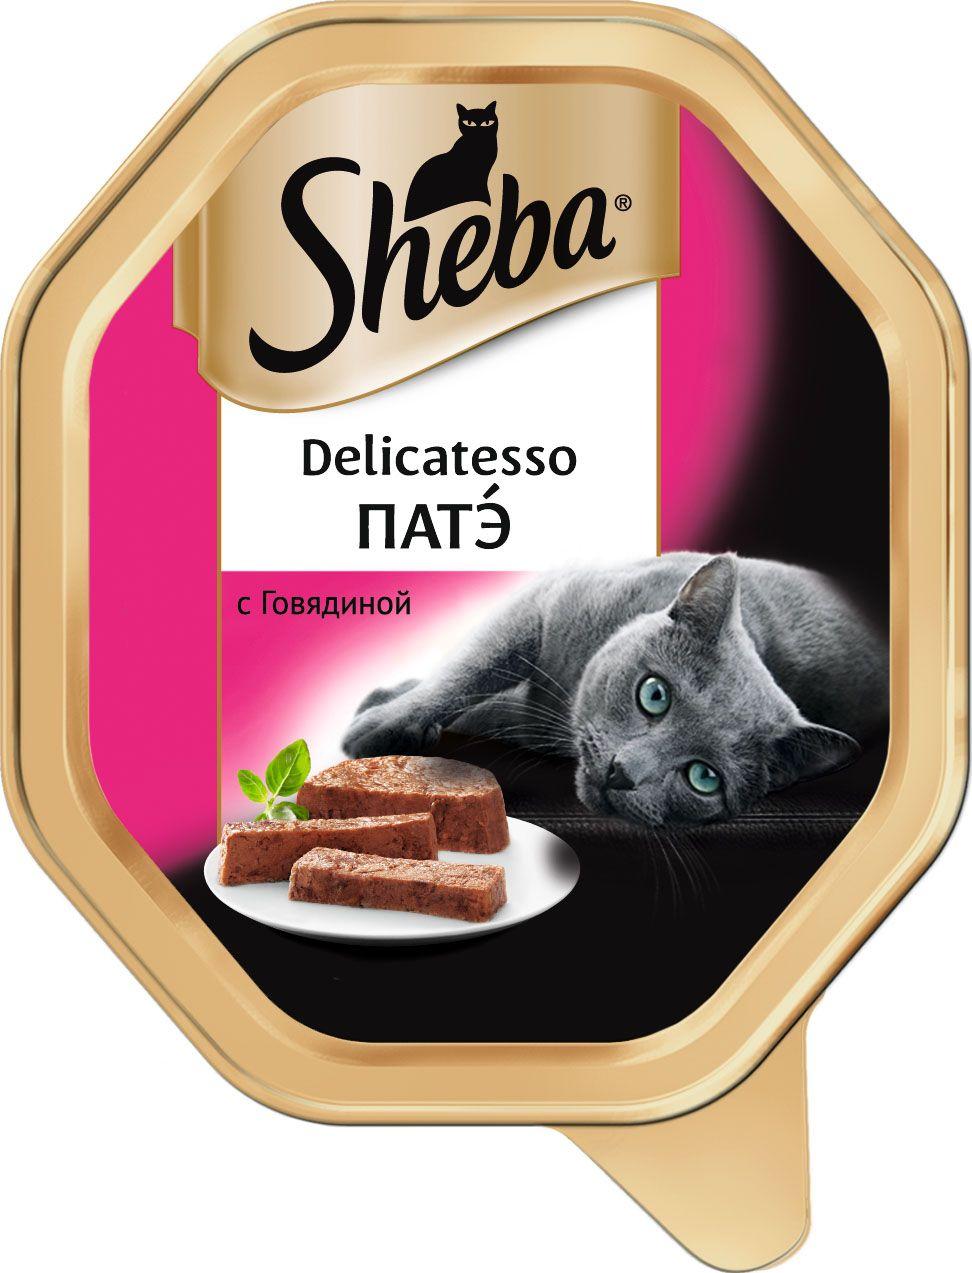 Корм консервированный Sheba Delicatesso, для взрослых кошек, от 1 года, патэ с говядиной, 85 г корм для кошек sheba delicatesso патэ говядина конс 85г